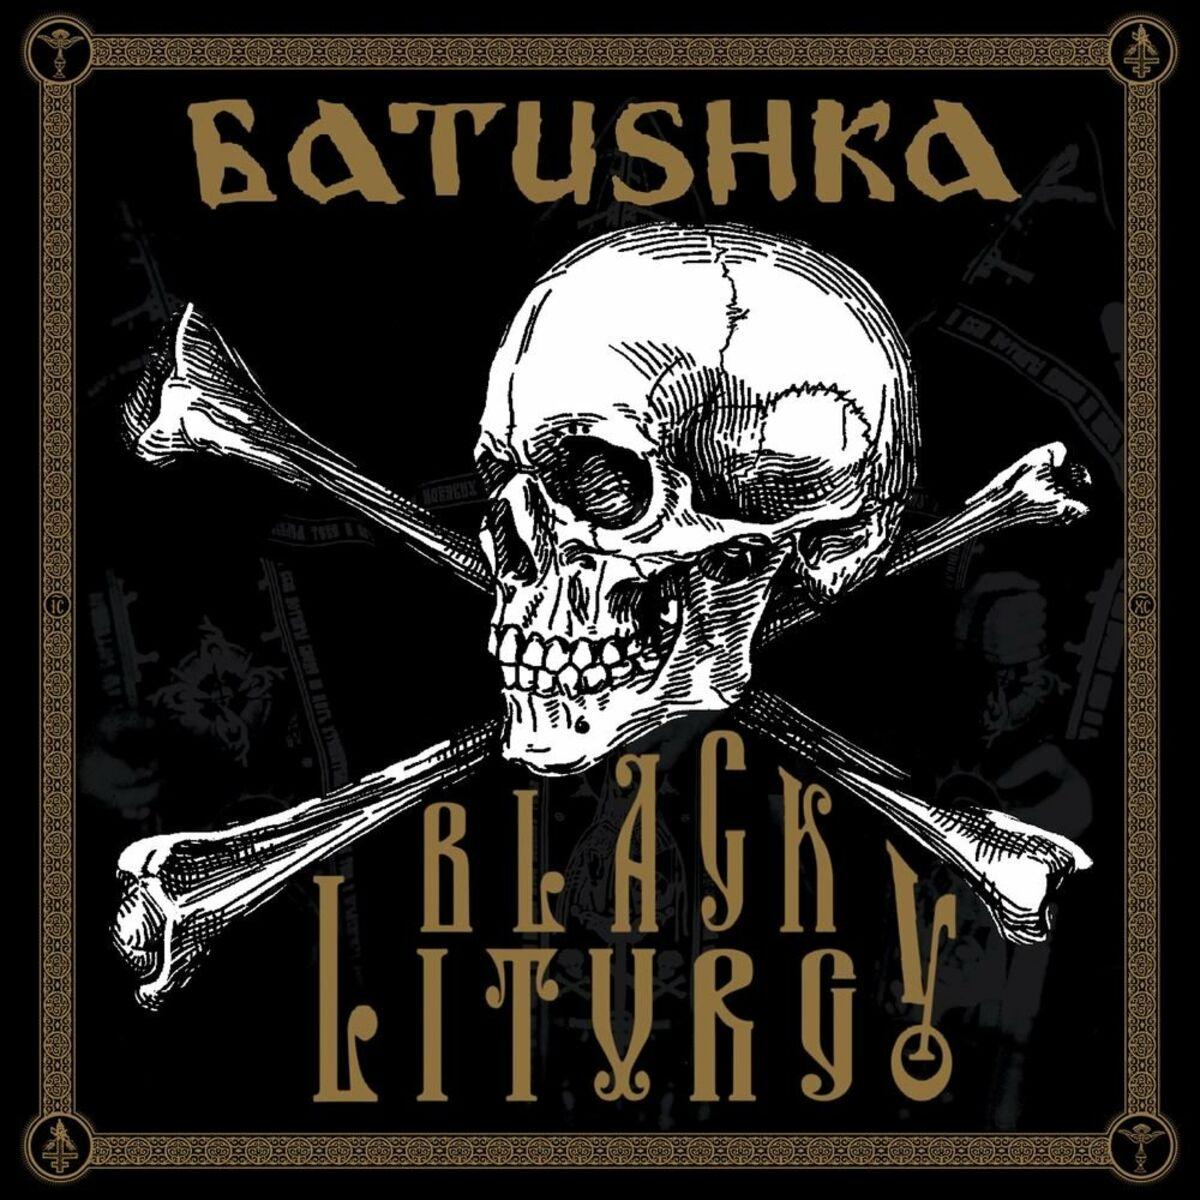 Batushka - BLACK LITURGY (Live) (2020)